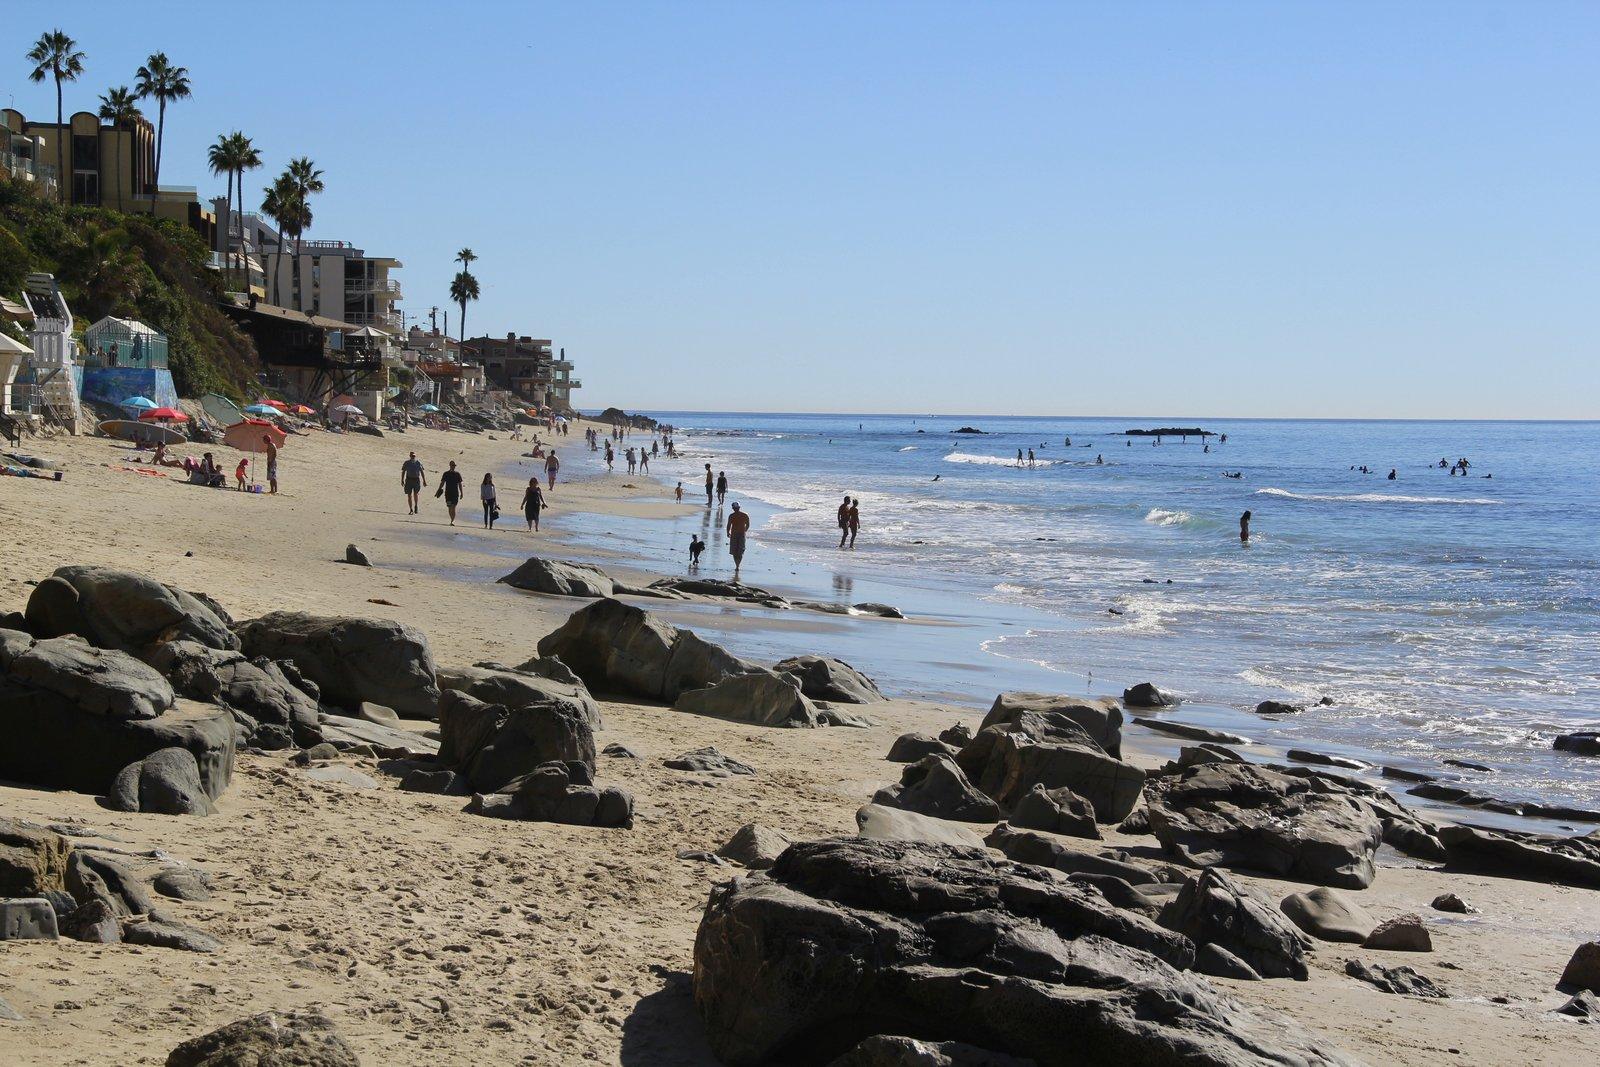 Long_Beach_California_photo_2715